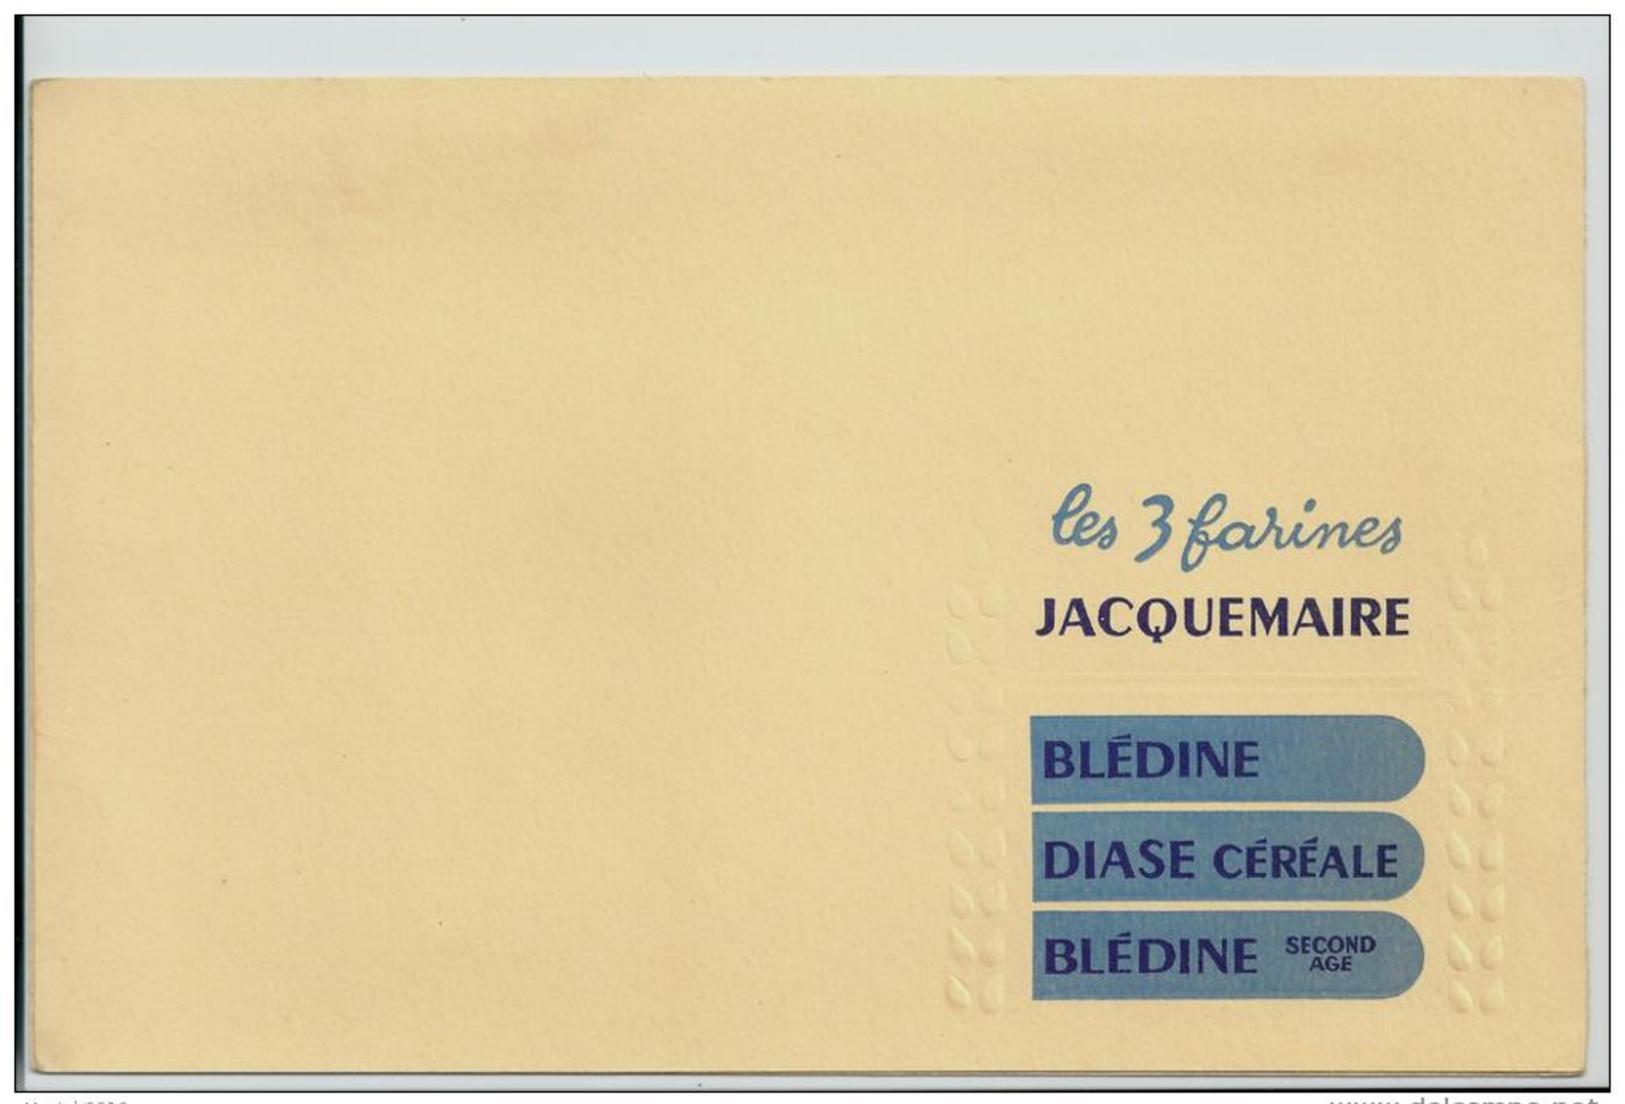 """Buvard - Les 3 Farines Jacquemaire  """" Blédine - Diase Céréale - Blédine  Second Age - Kids"""